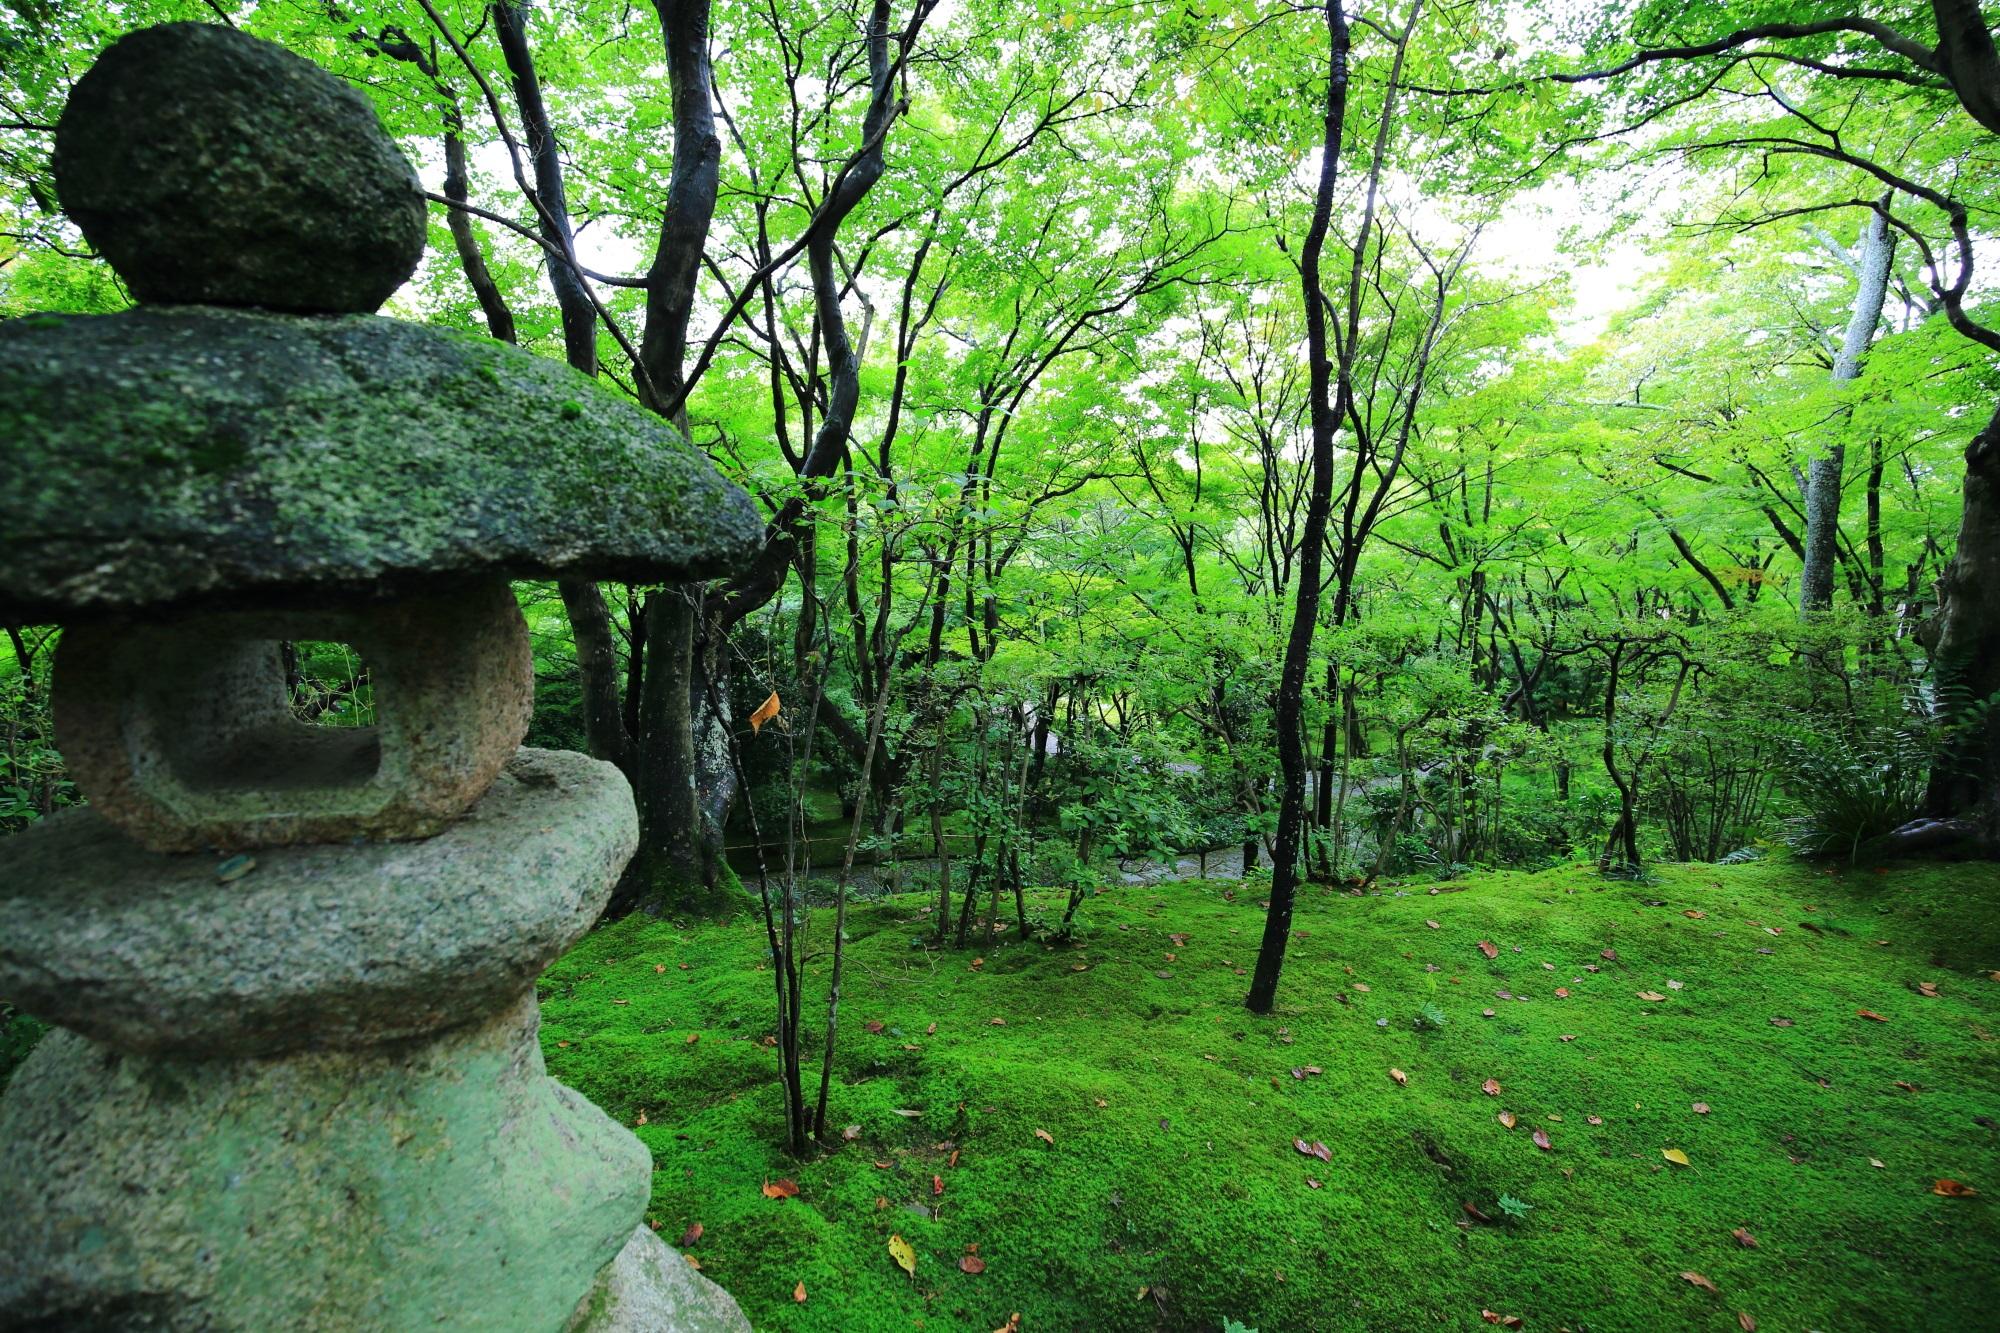 常寂光寺の女の碑付近の灯籠と苔